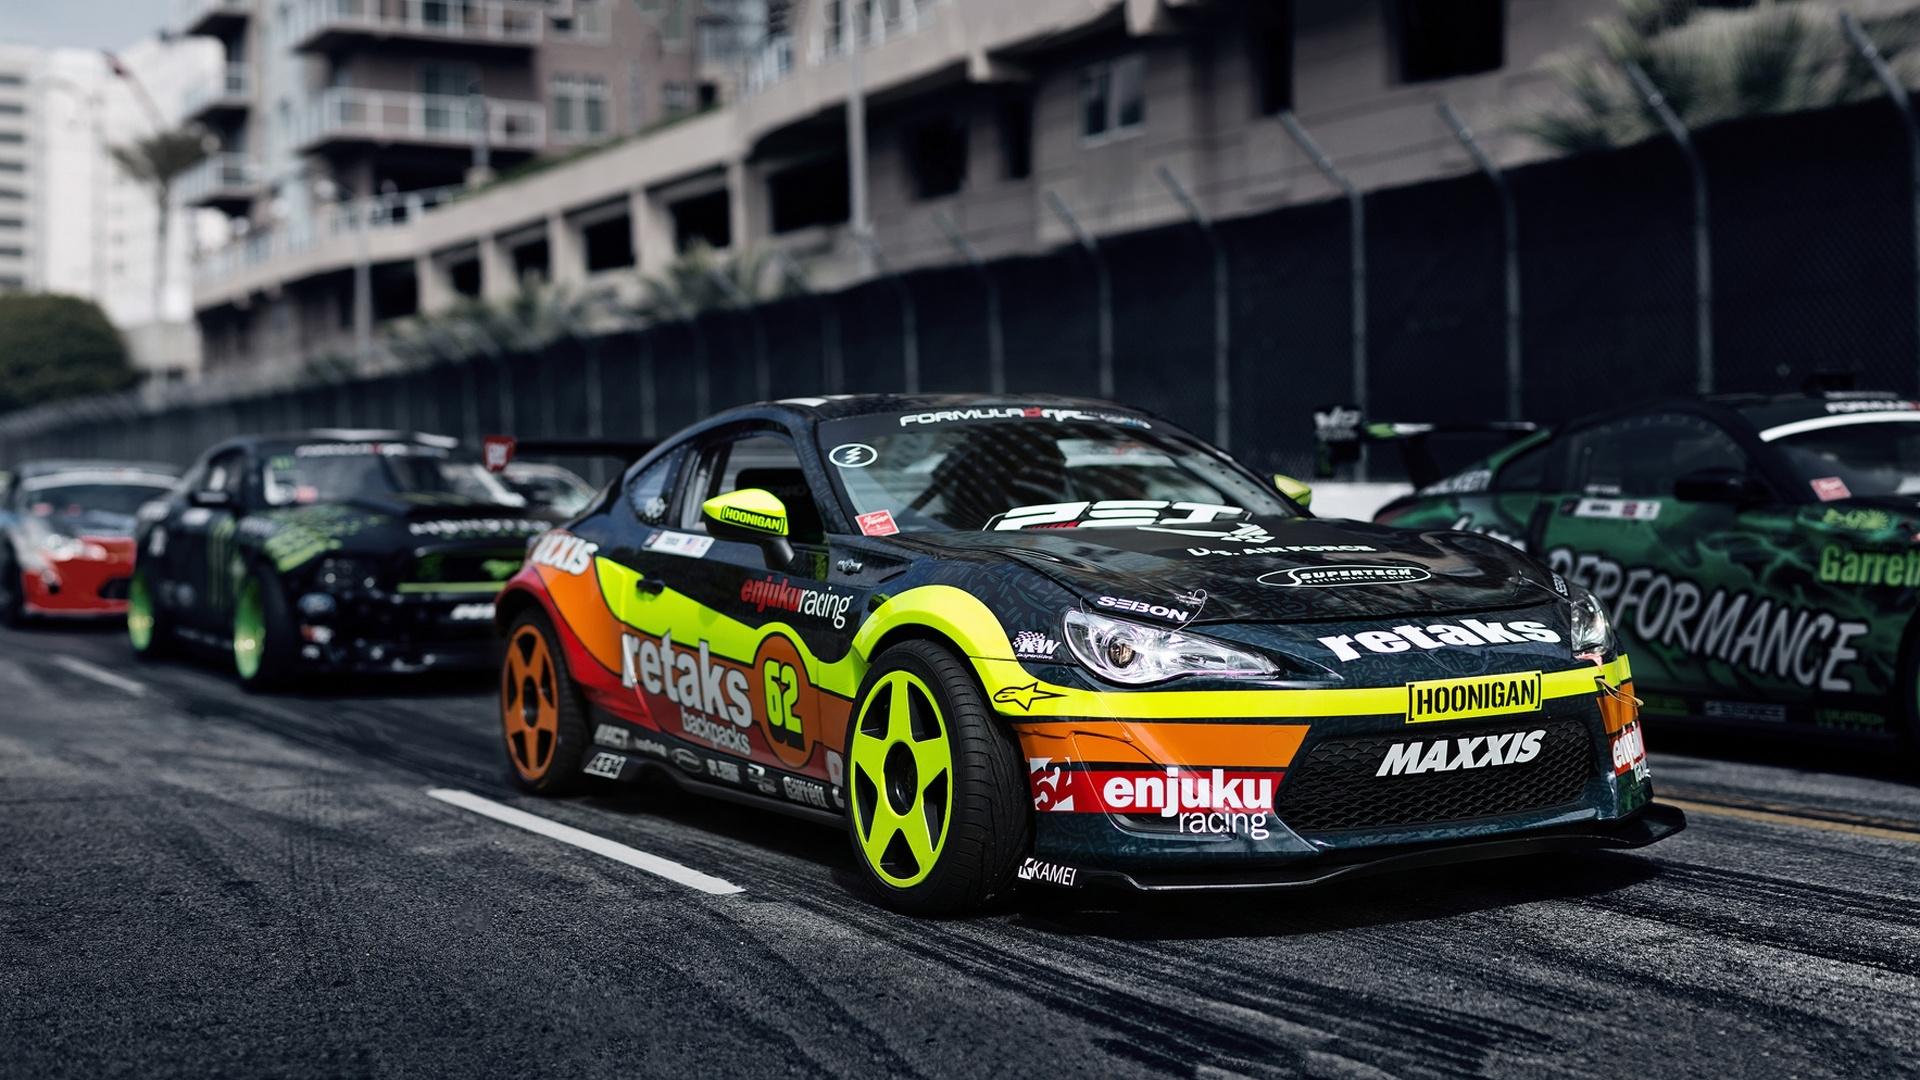 48 formula drift wallpaper on wallpapersafari - Drift car wallpaper ...